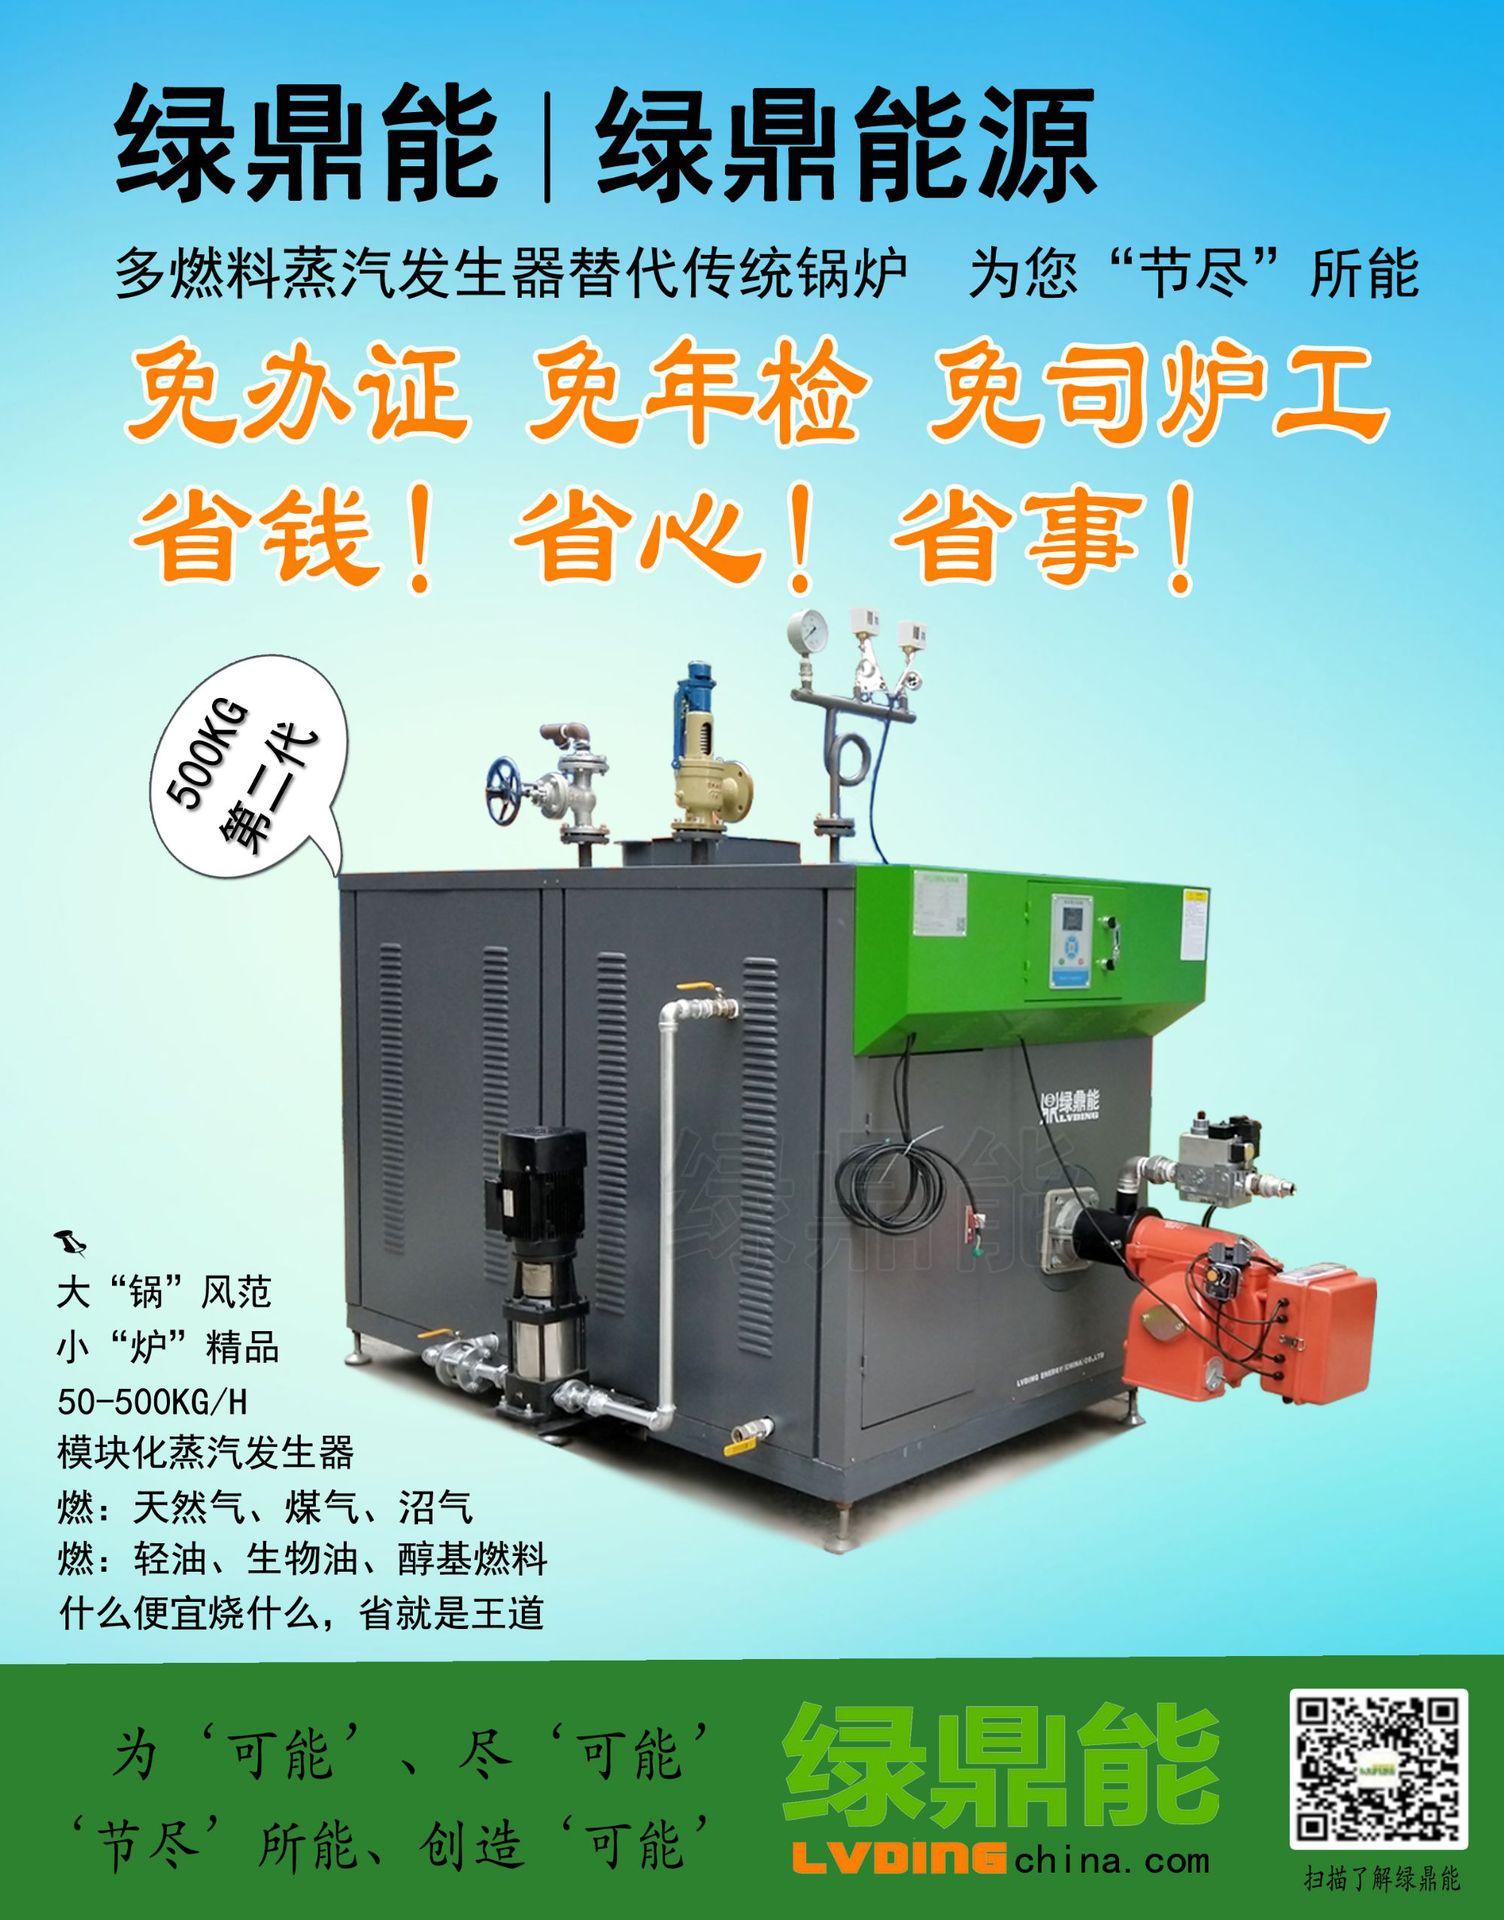 500KG第二代多燃料蒸汽發生器廣告圖(綠鼎能源2017-1